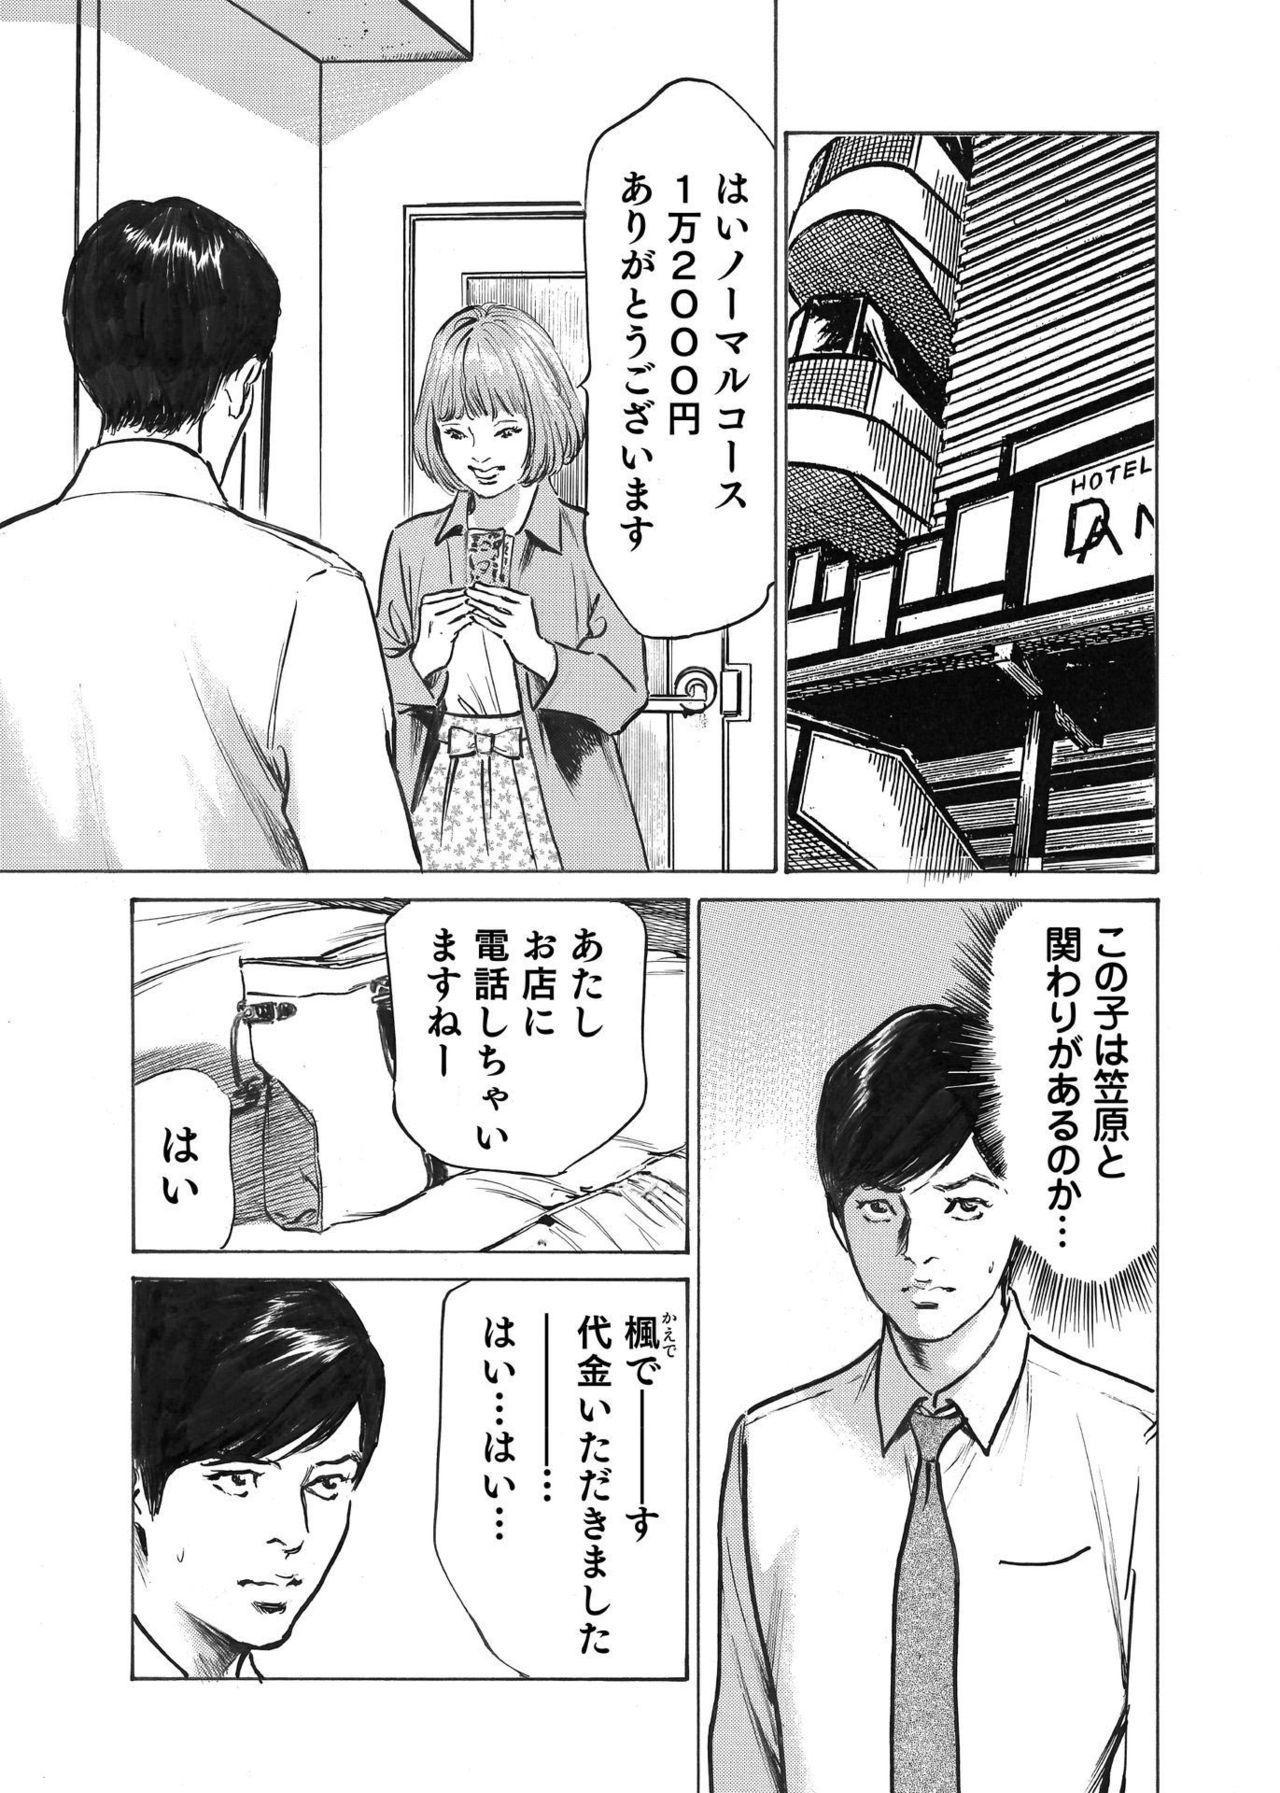 Ore wa Tsuma no Koto o Yoku Shiranai 1-9 110